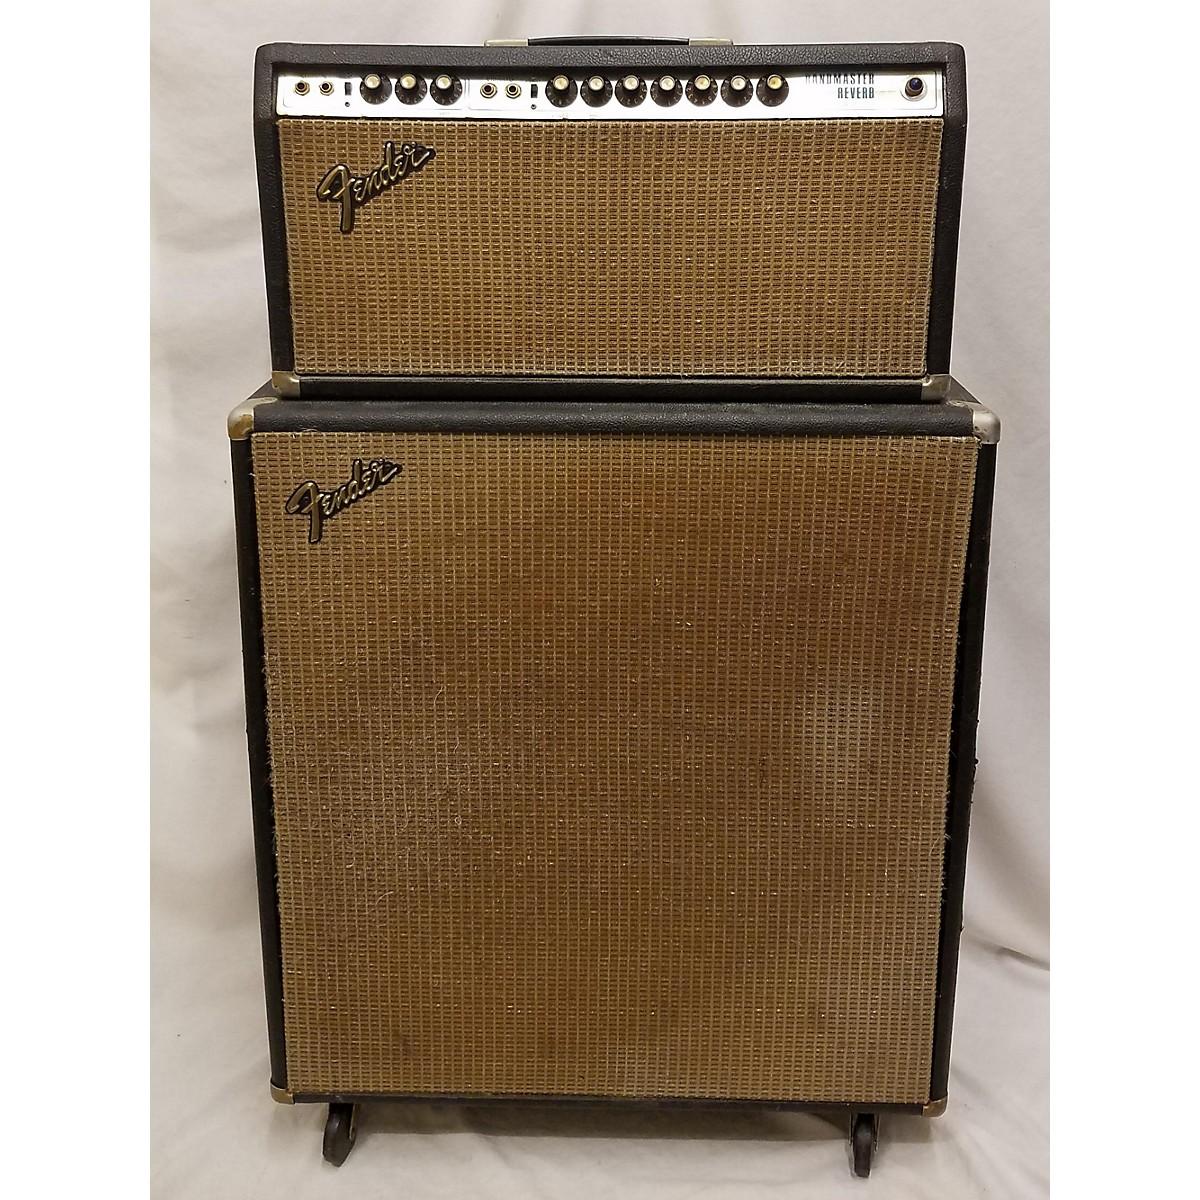 Fender 1974 Bandmaster Reverb Stack Tube Guitar Amp Head